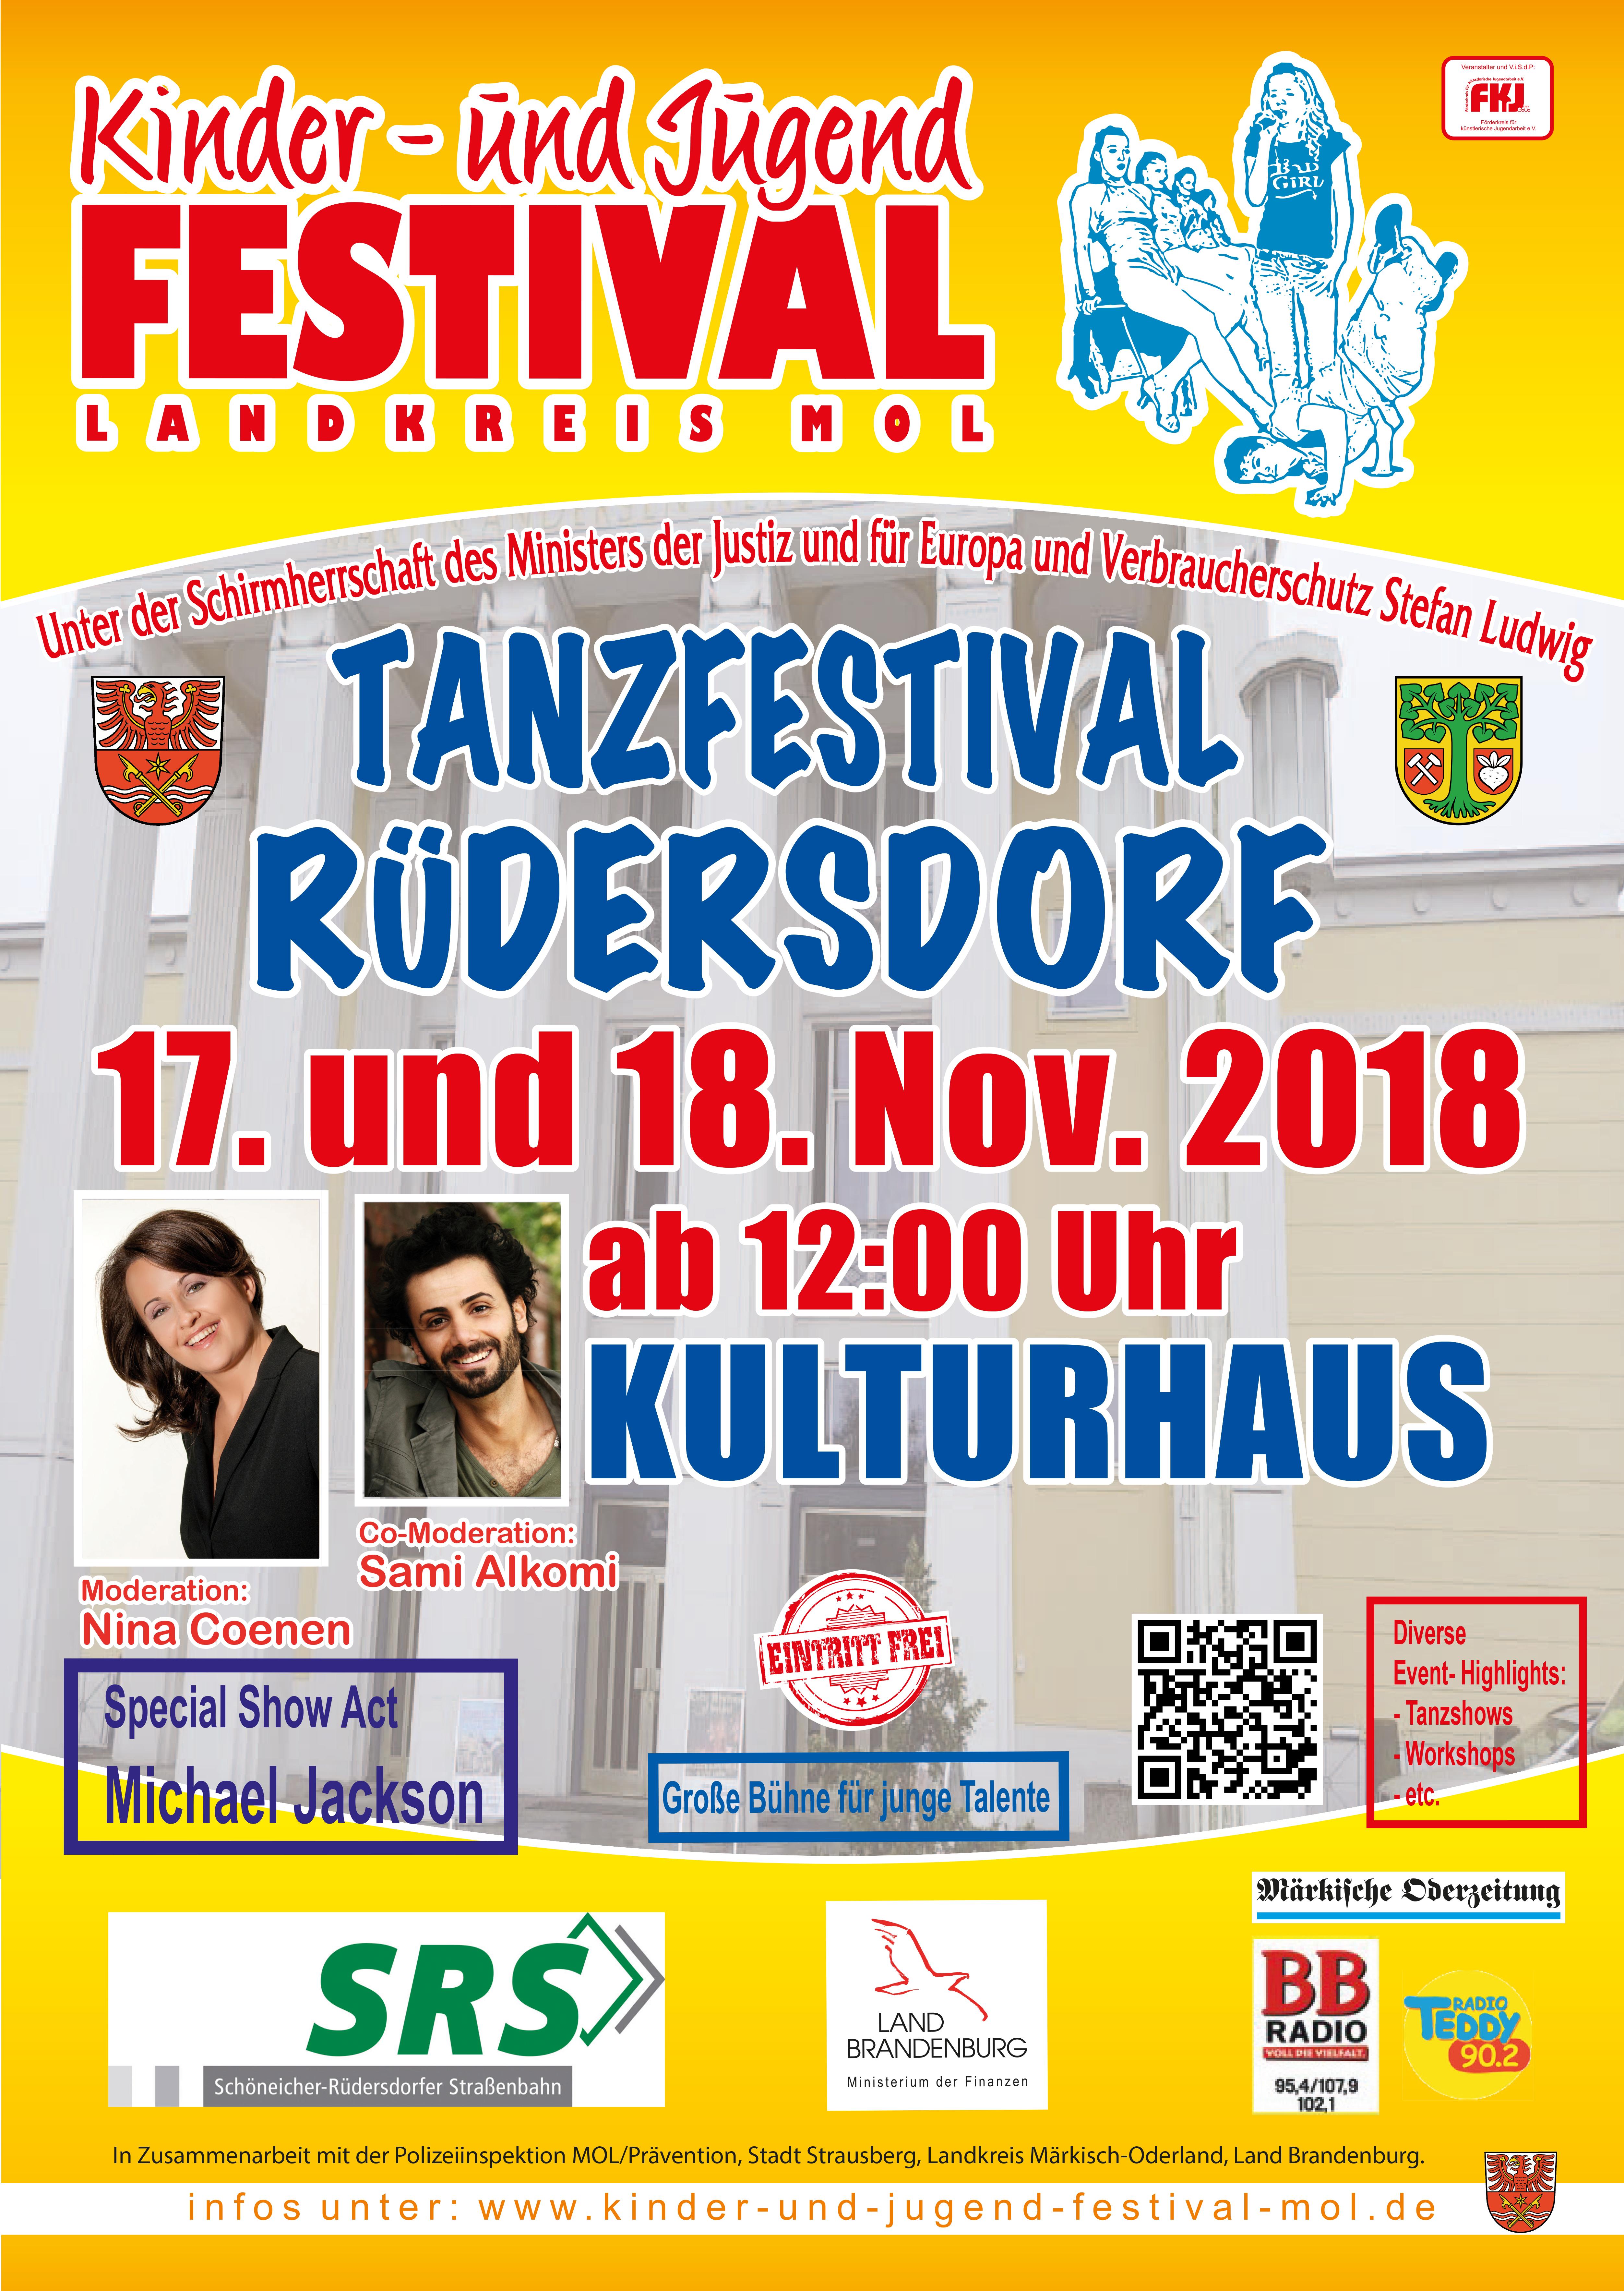 Kinder- und Jugendfestival in Rüdersdorf 2018